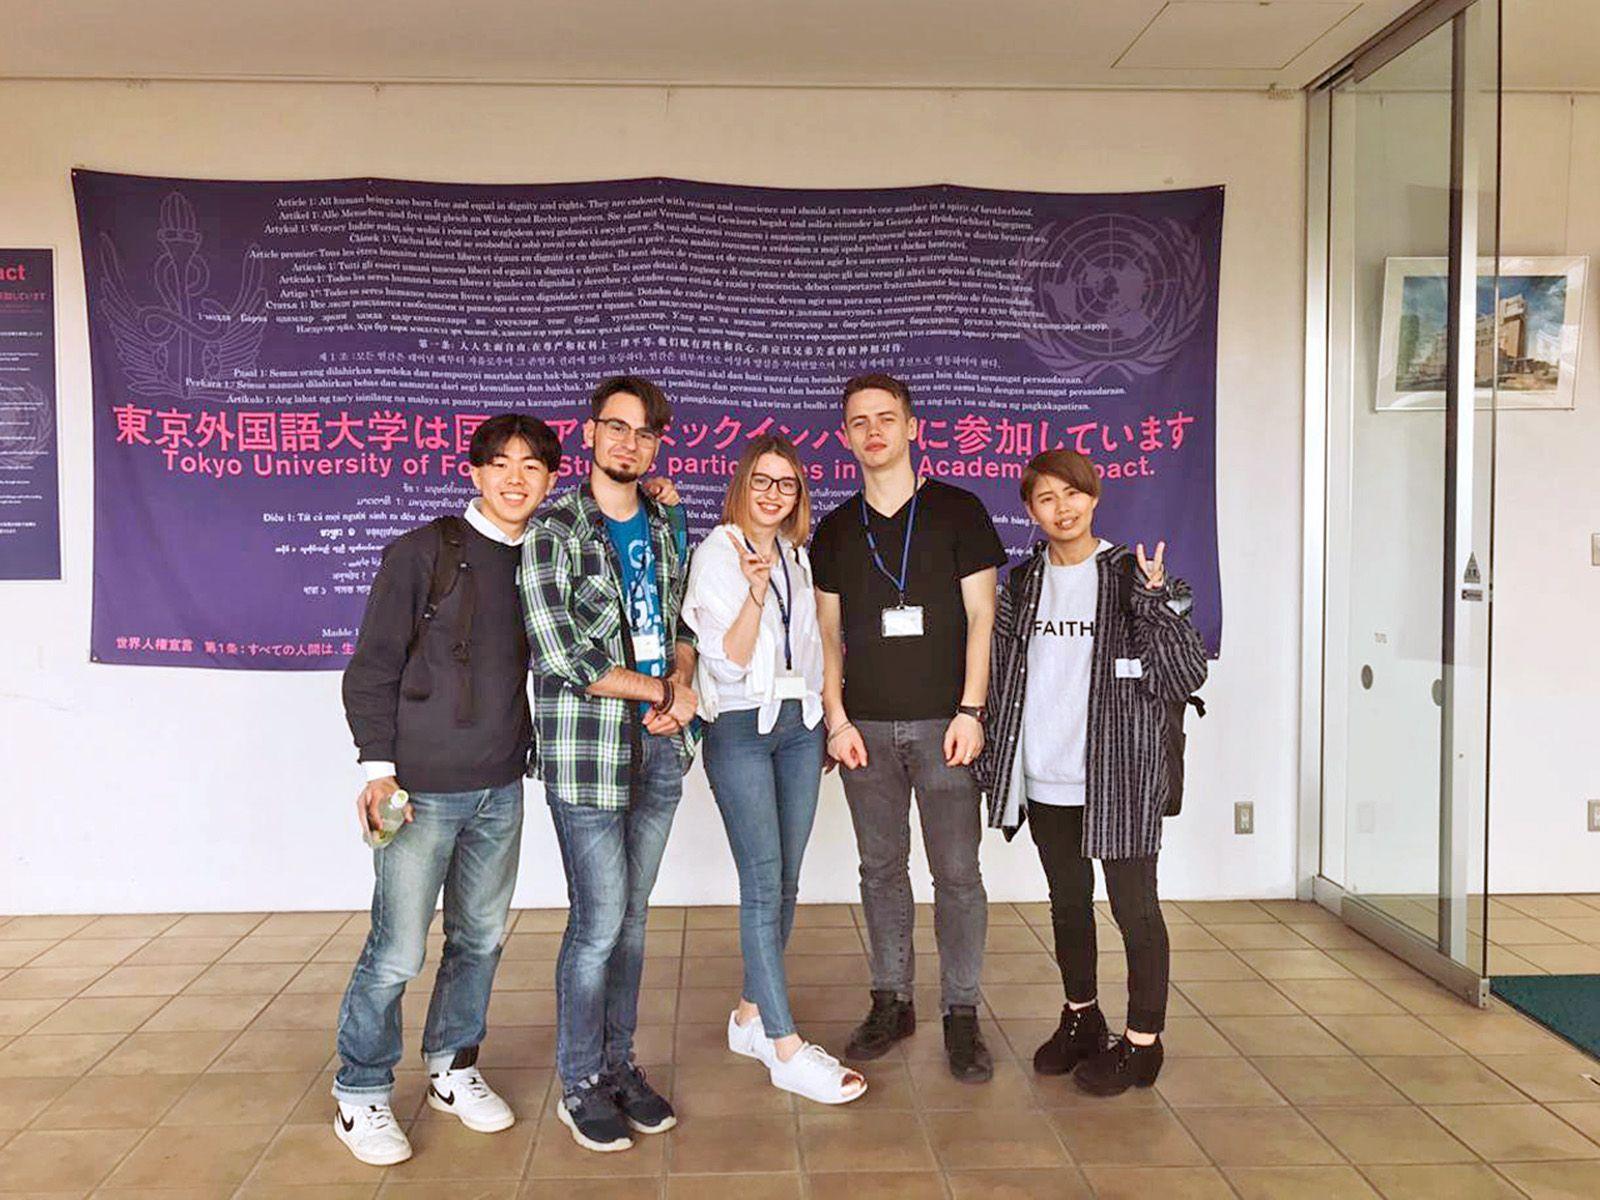 Студентка ВГУЭС Анастасия Румянцева: путешествие и обменная программа - разный, но интересный опыт